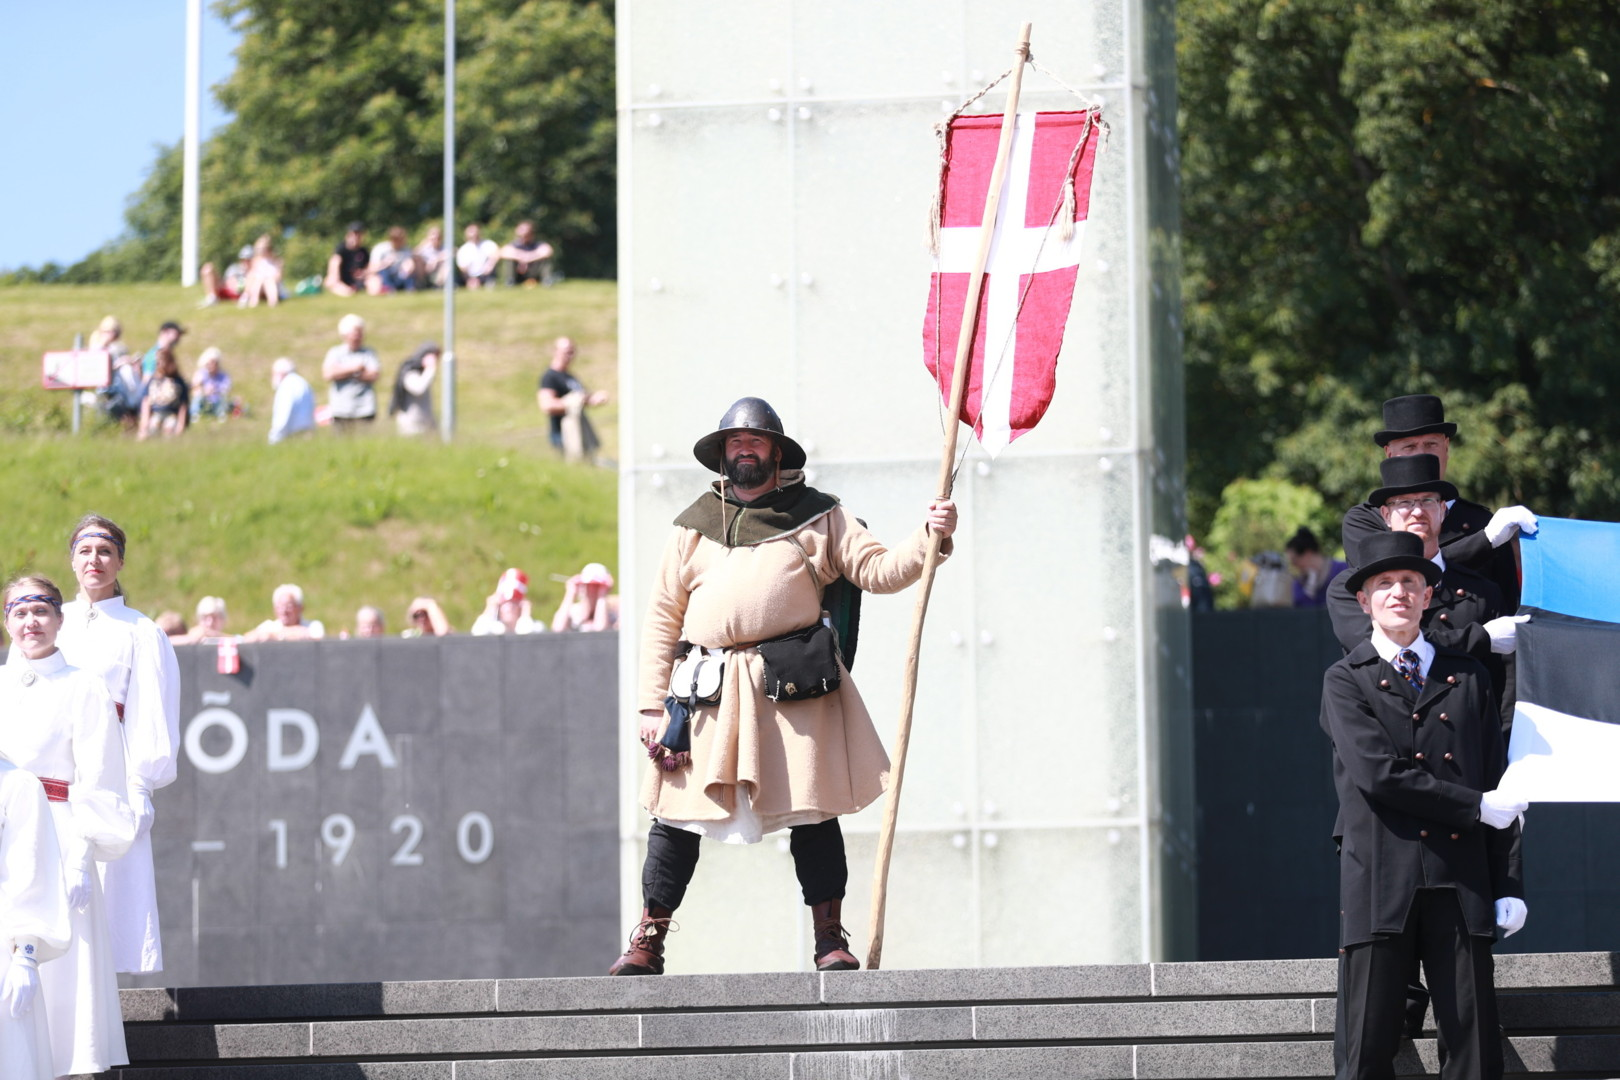 800 летний юбилей завоевания городища Рявала, и праздник датского флага.